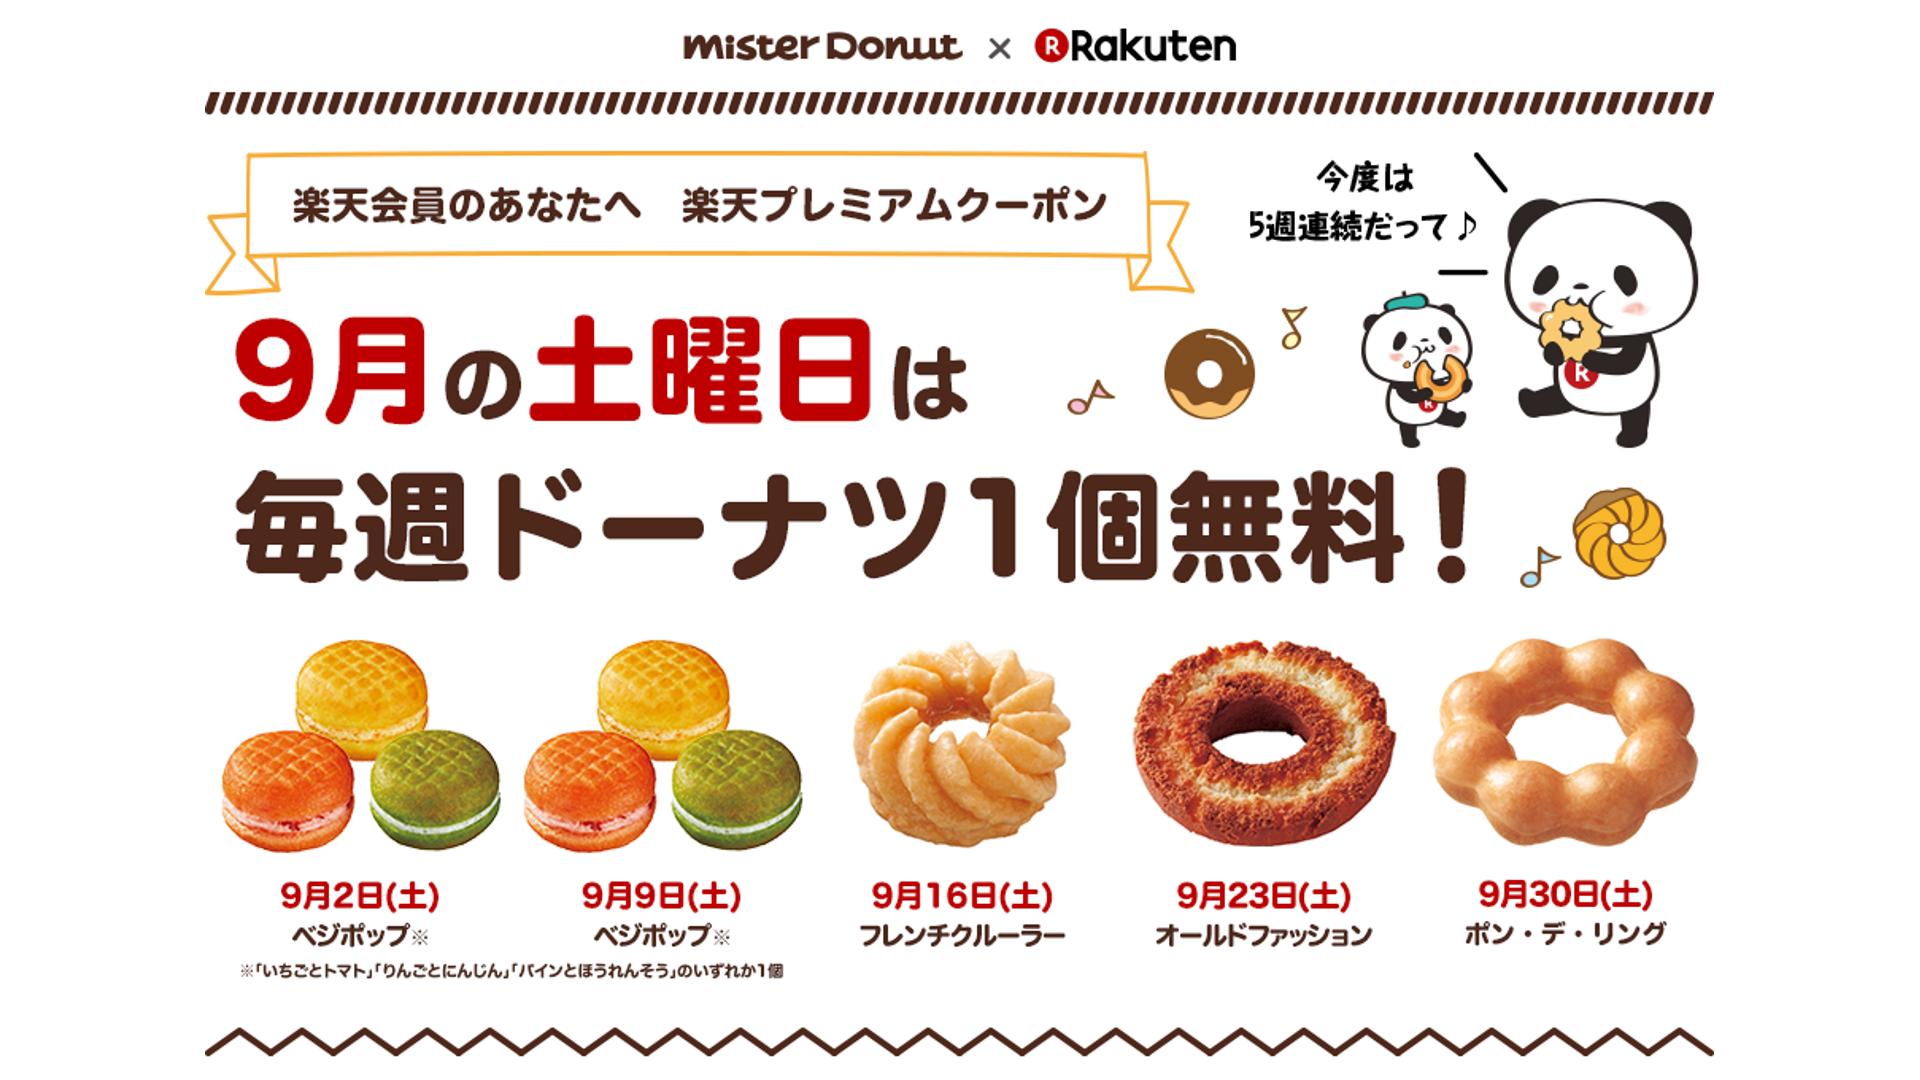 楽天会員限定、9月の毎週土曜日に「ミスタードーナツ」1個無料キャンペーン